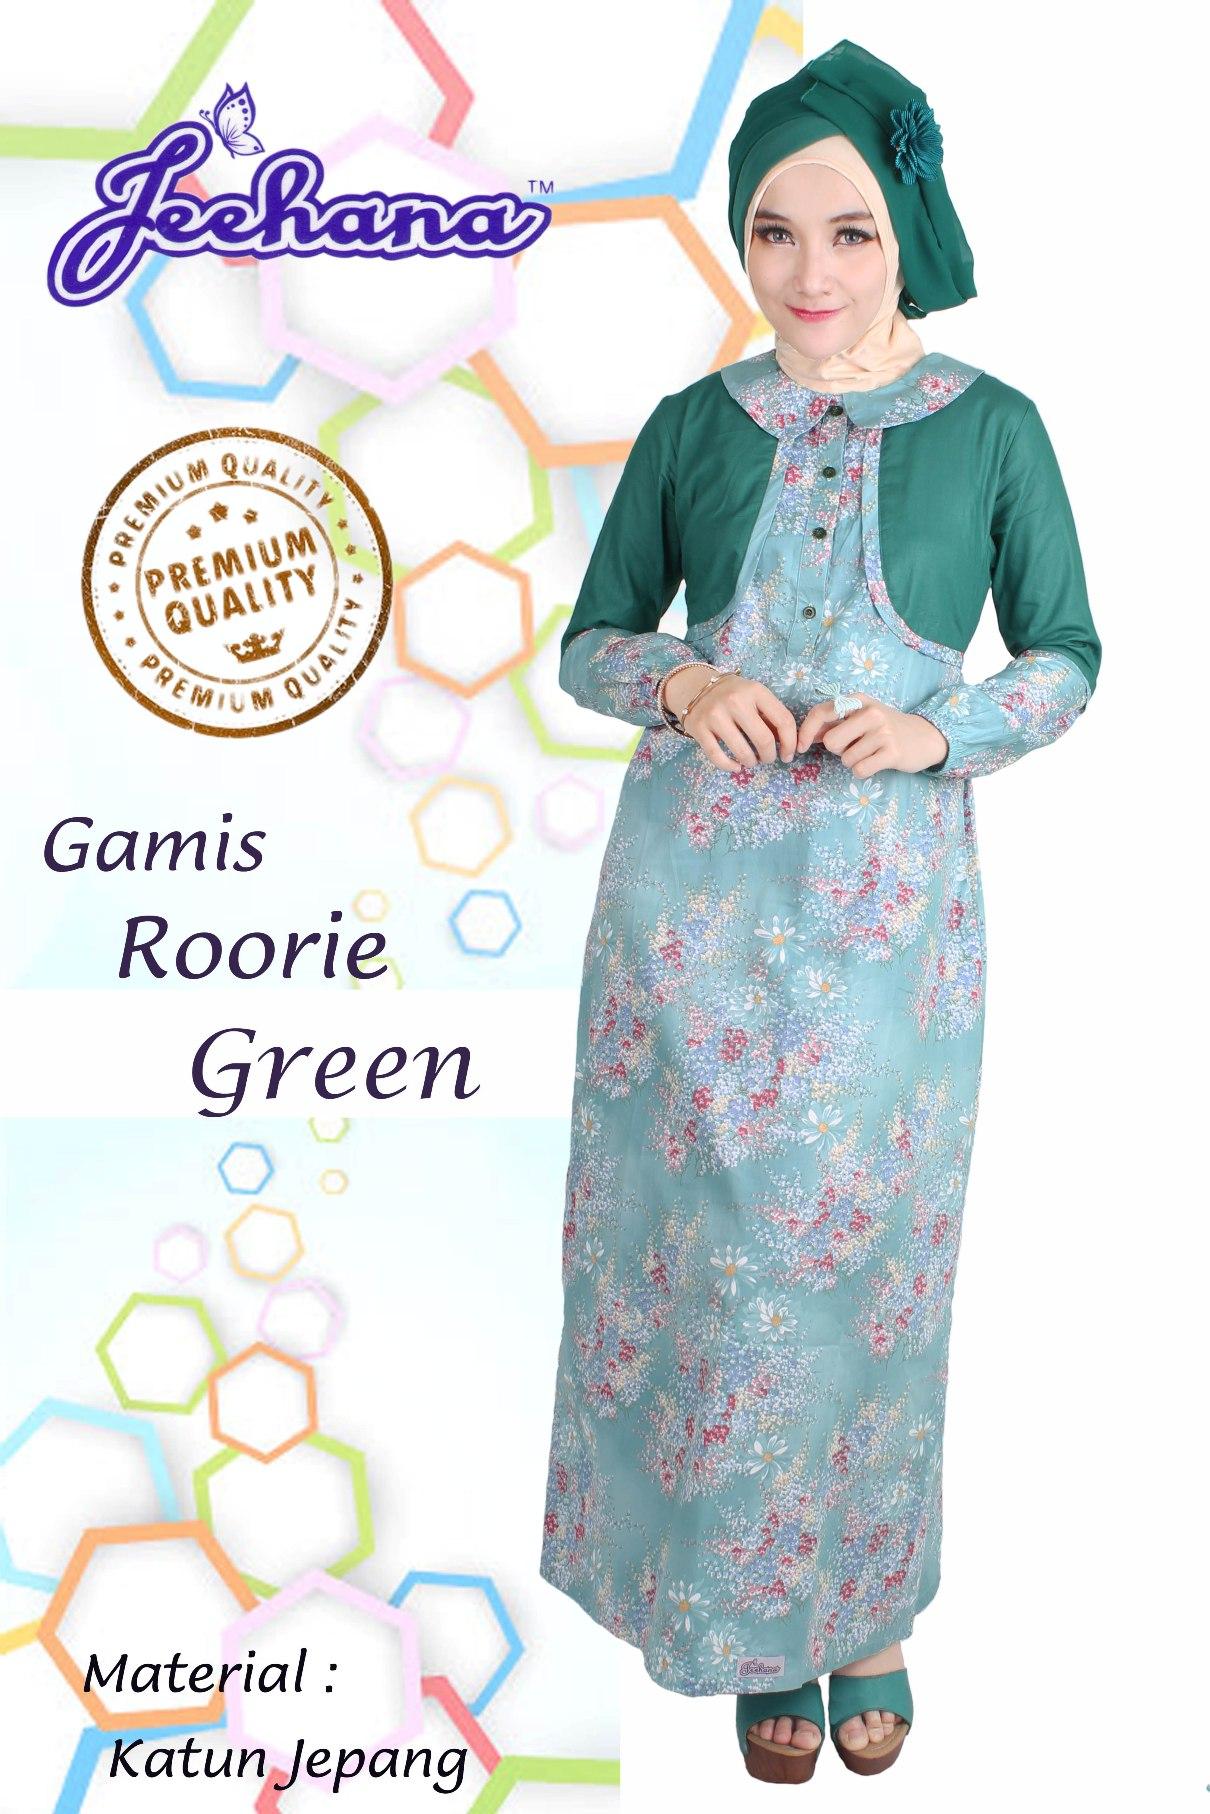 Jual GAMIS ROORIE Restock JEEHANA Gamis Anggun Baju Gamis Size S